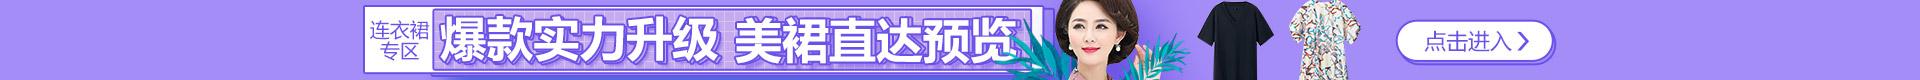 YTO0001@2020-05-30